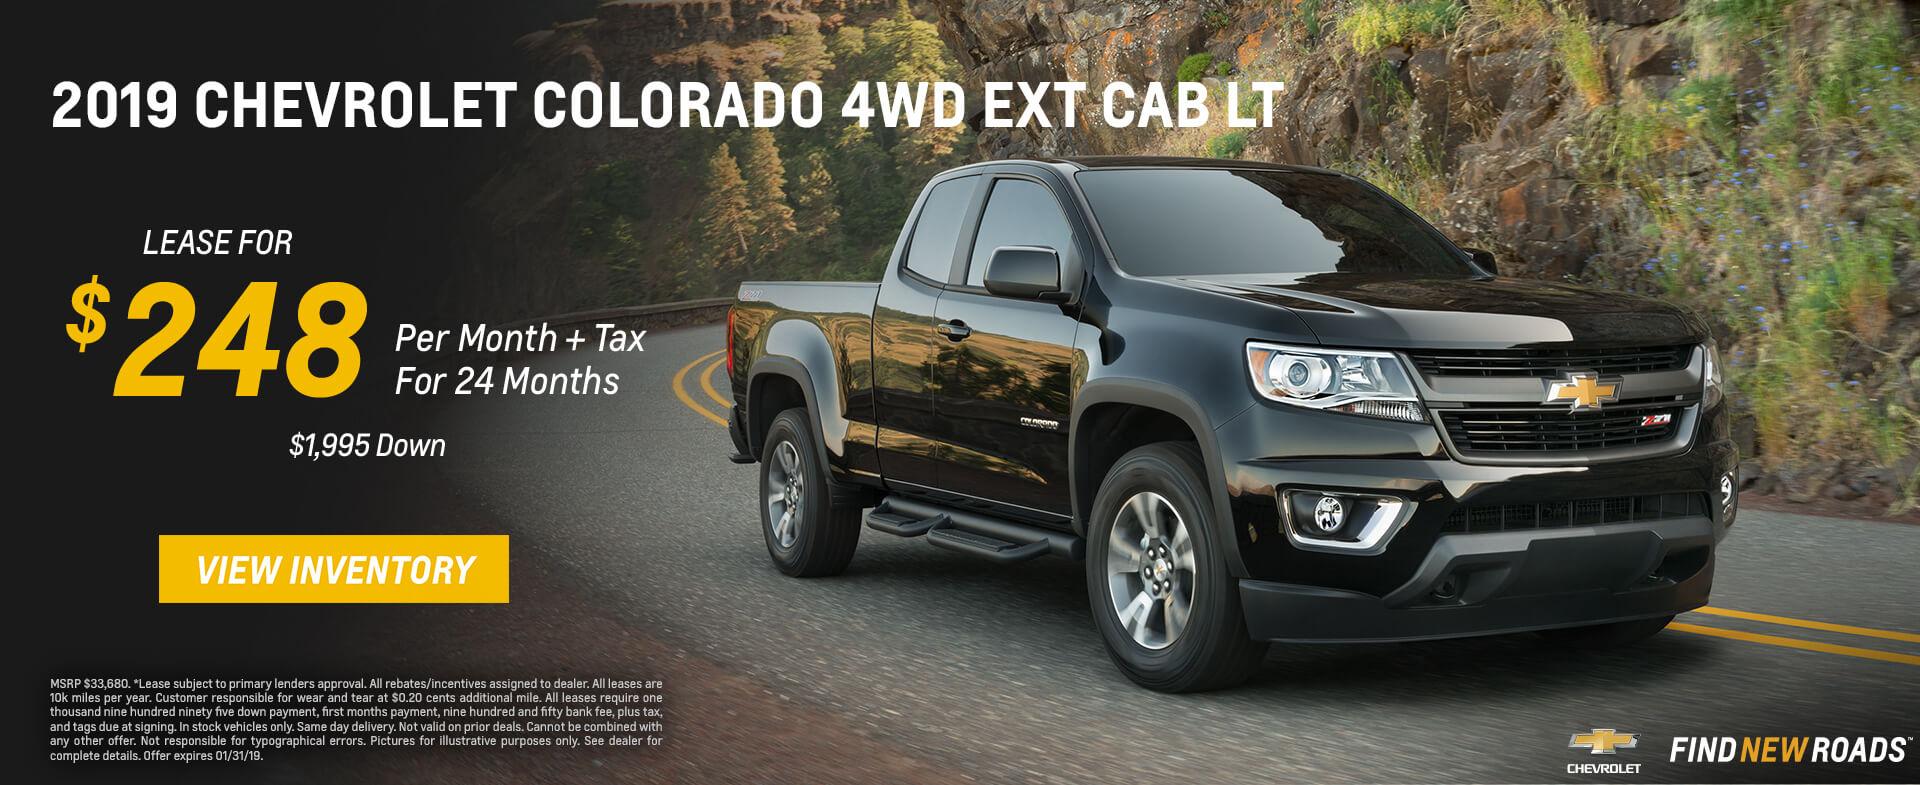 Chevrolet Colorado $248 Lease